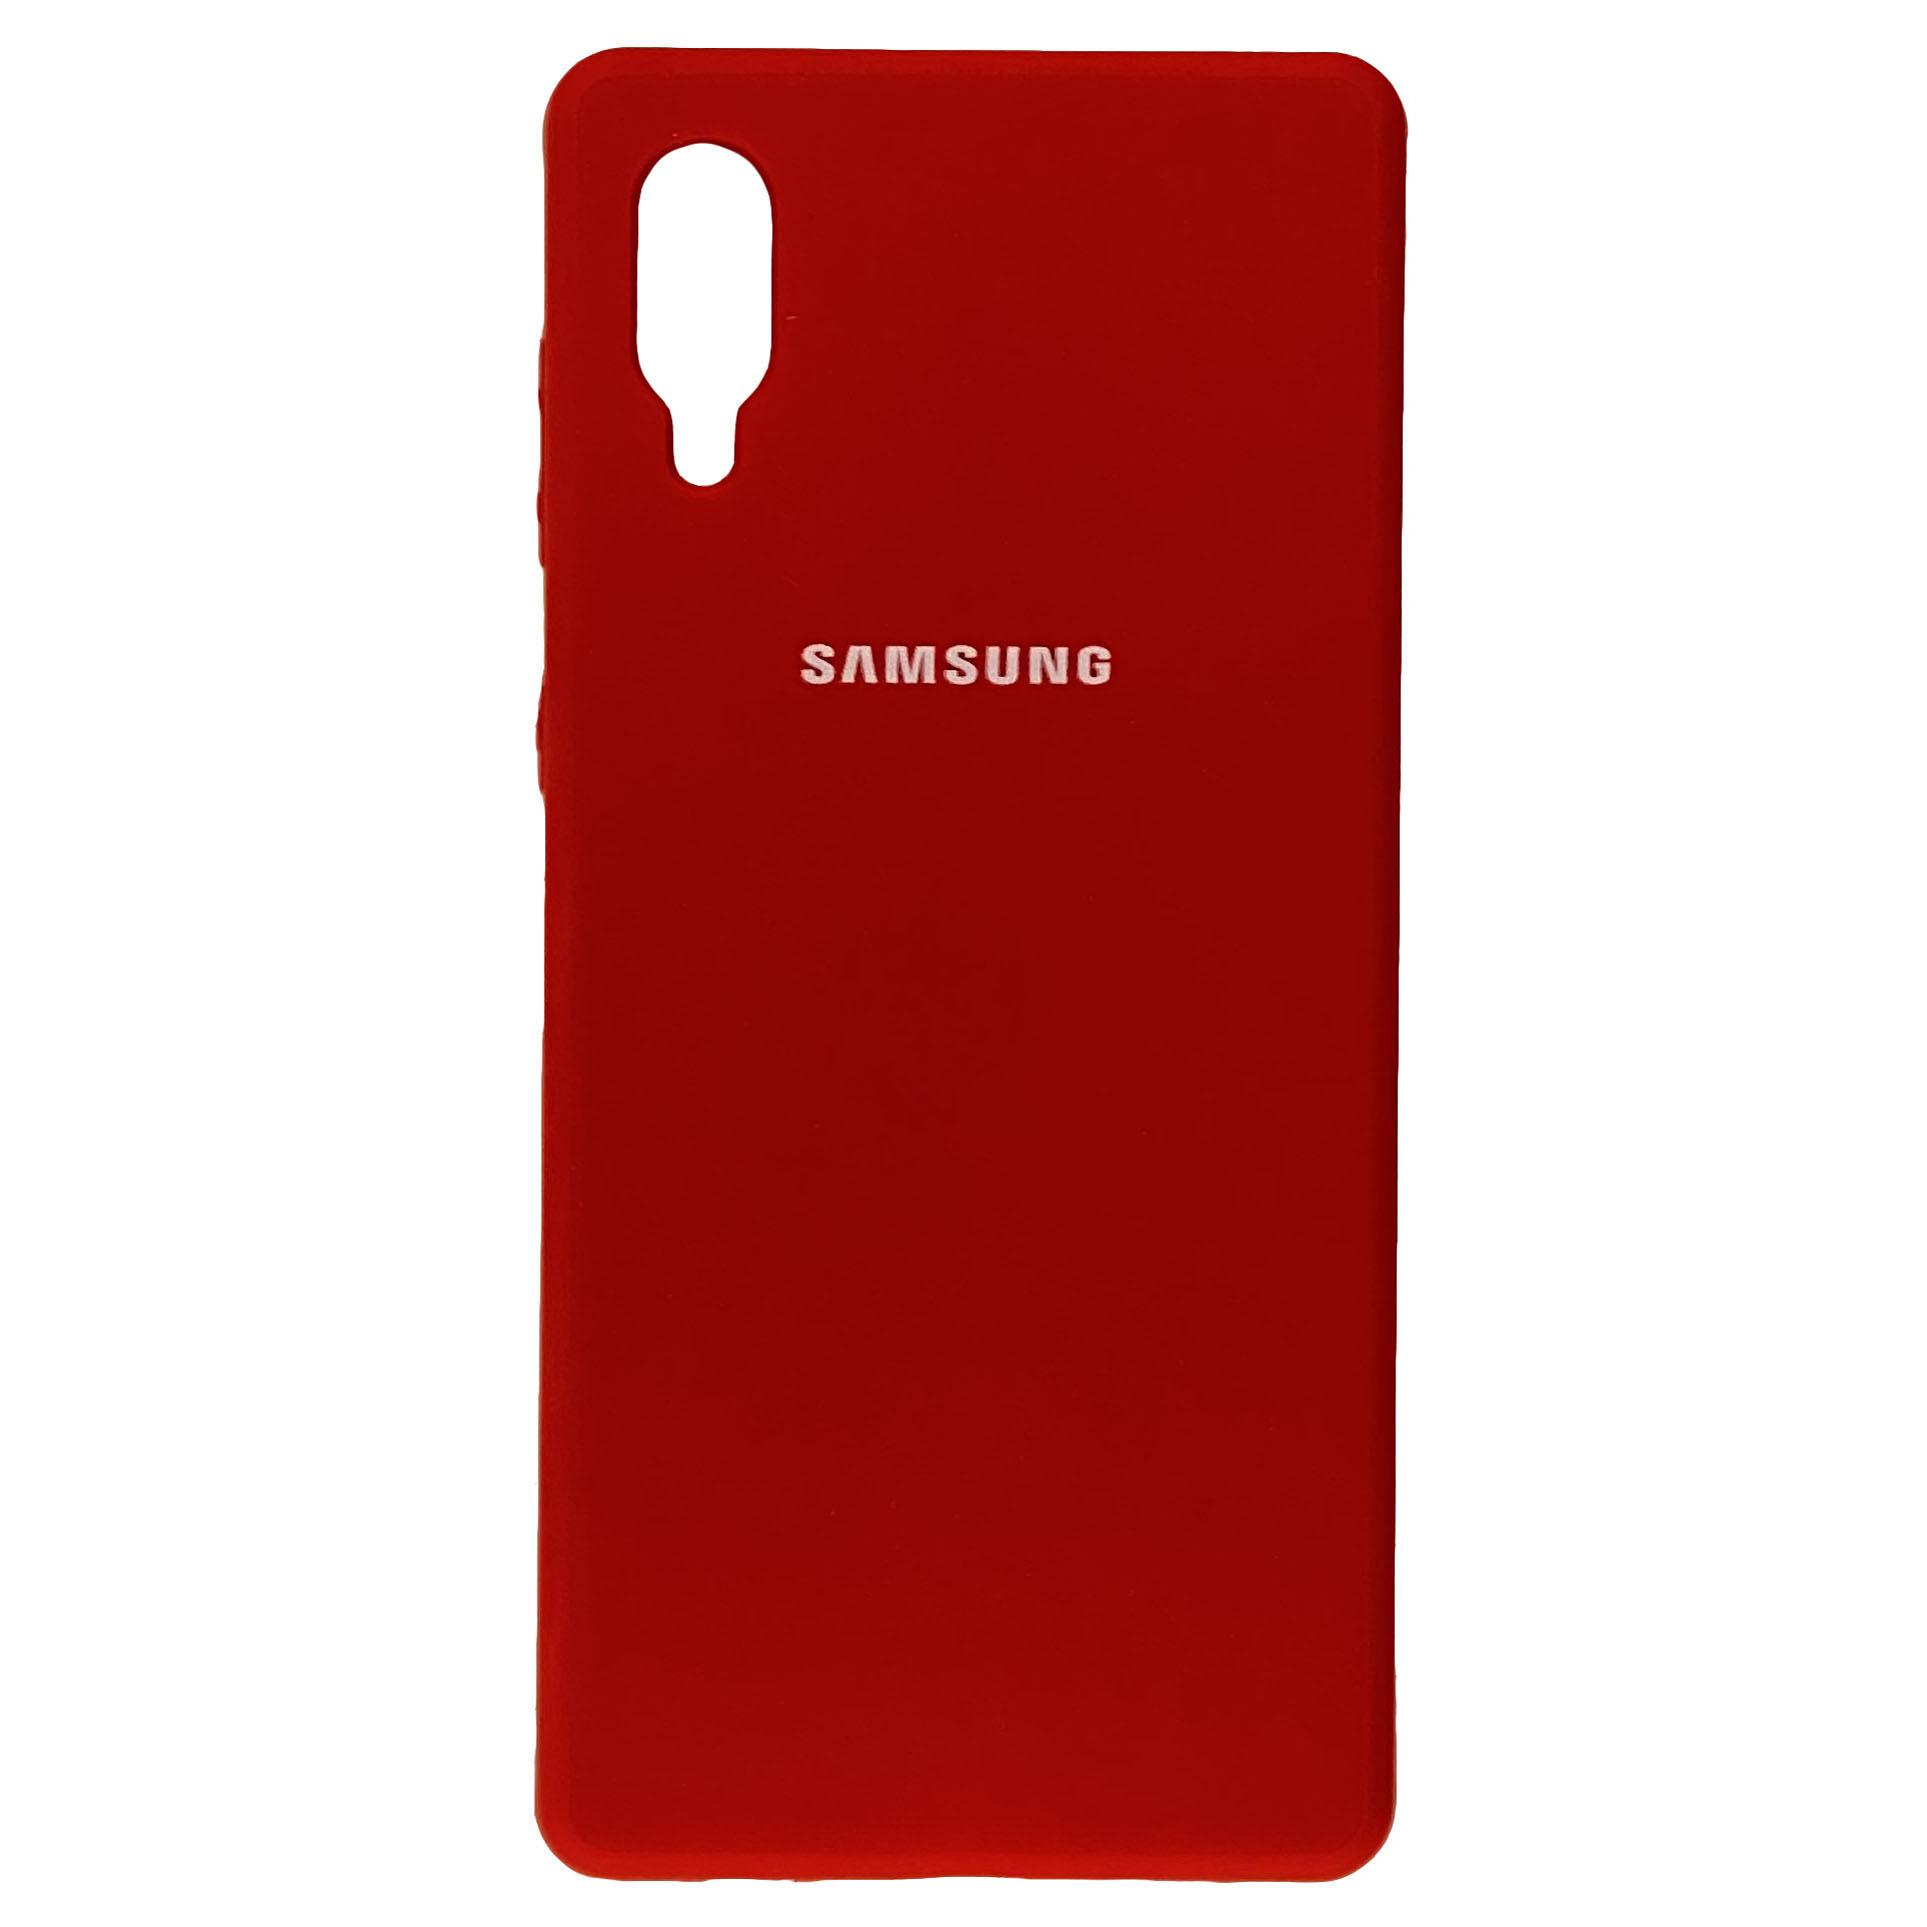 بررسی و {خرید با تخفیف} کاور مدل SIL_A02 مناسب برای گوشی موبایل سامسونگ Galaxy A02 / A022 اصل